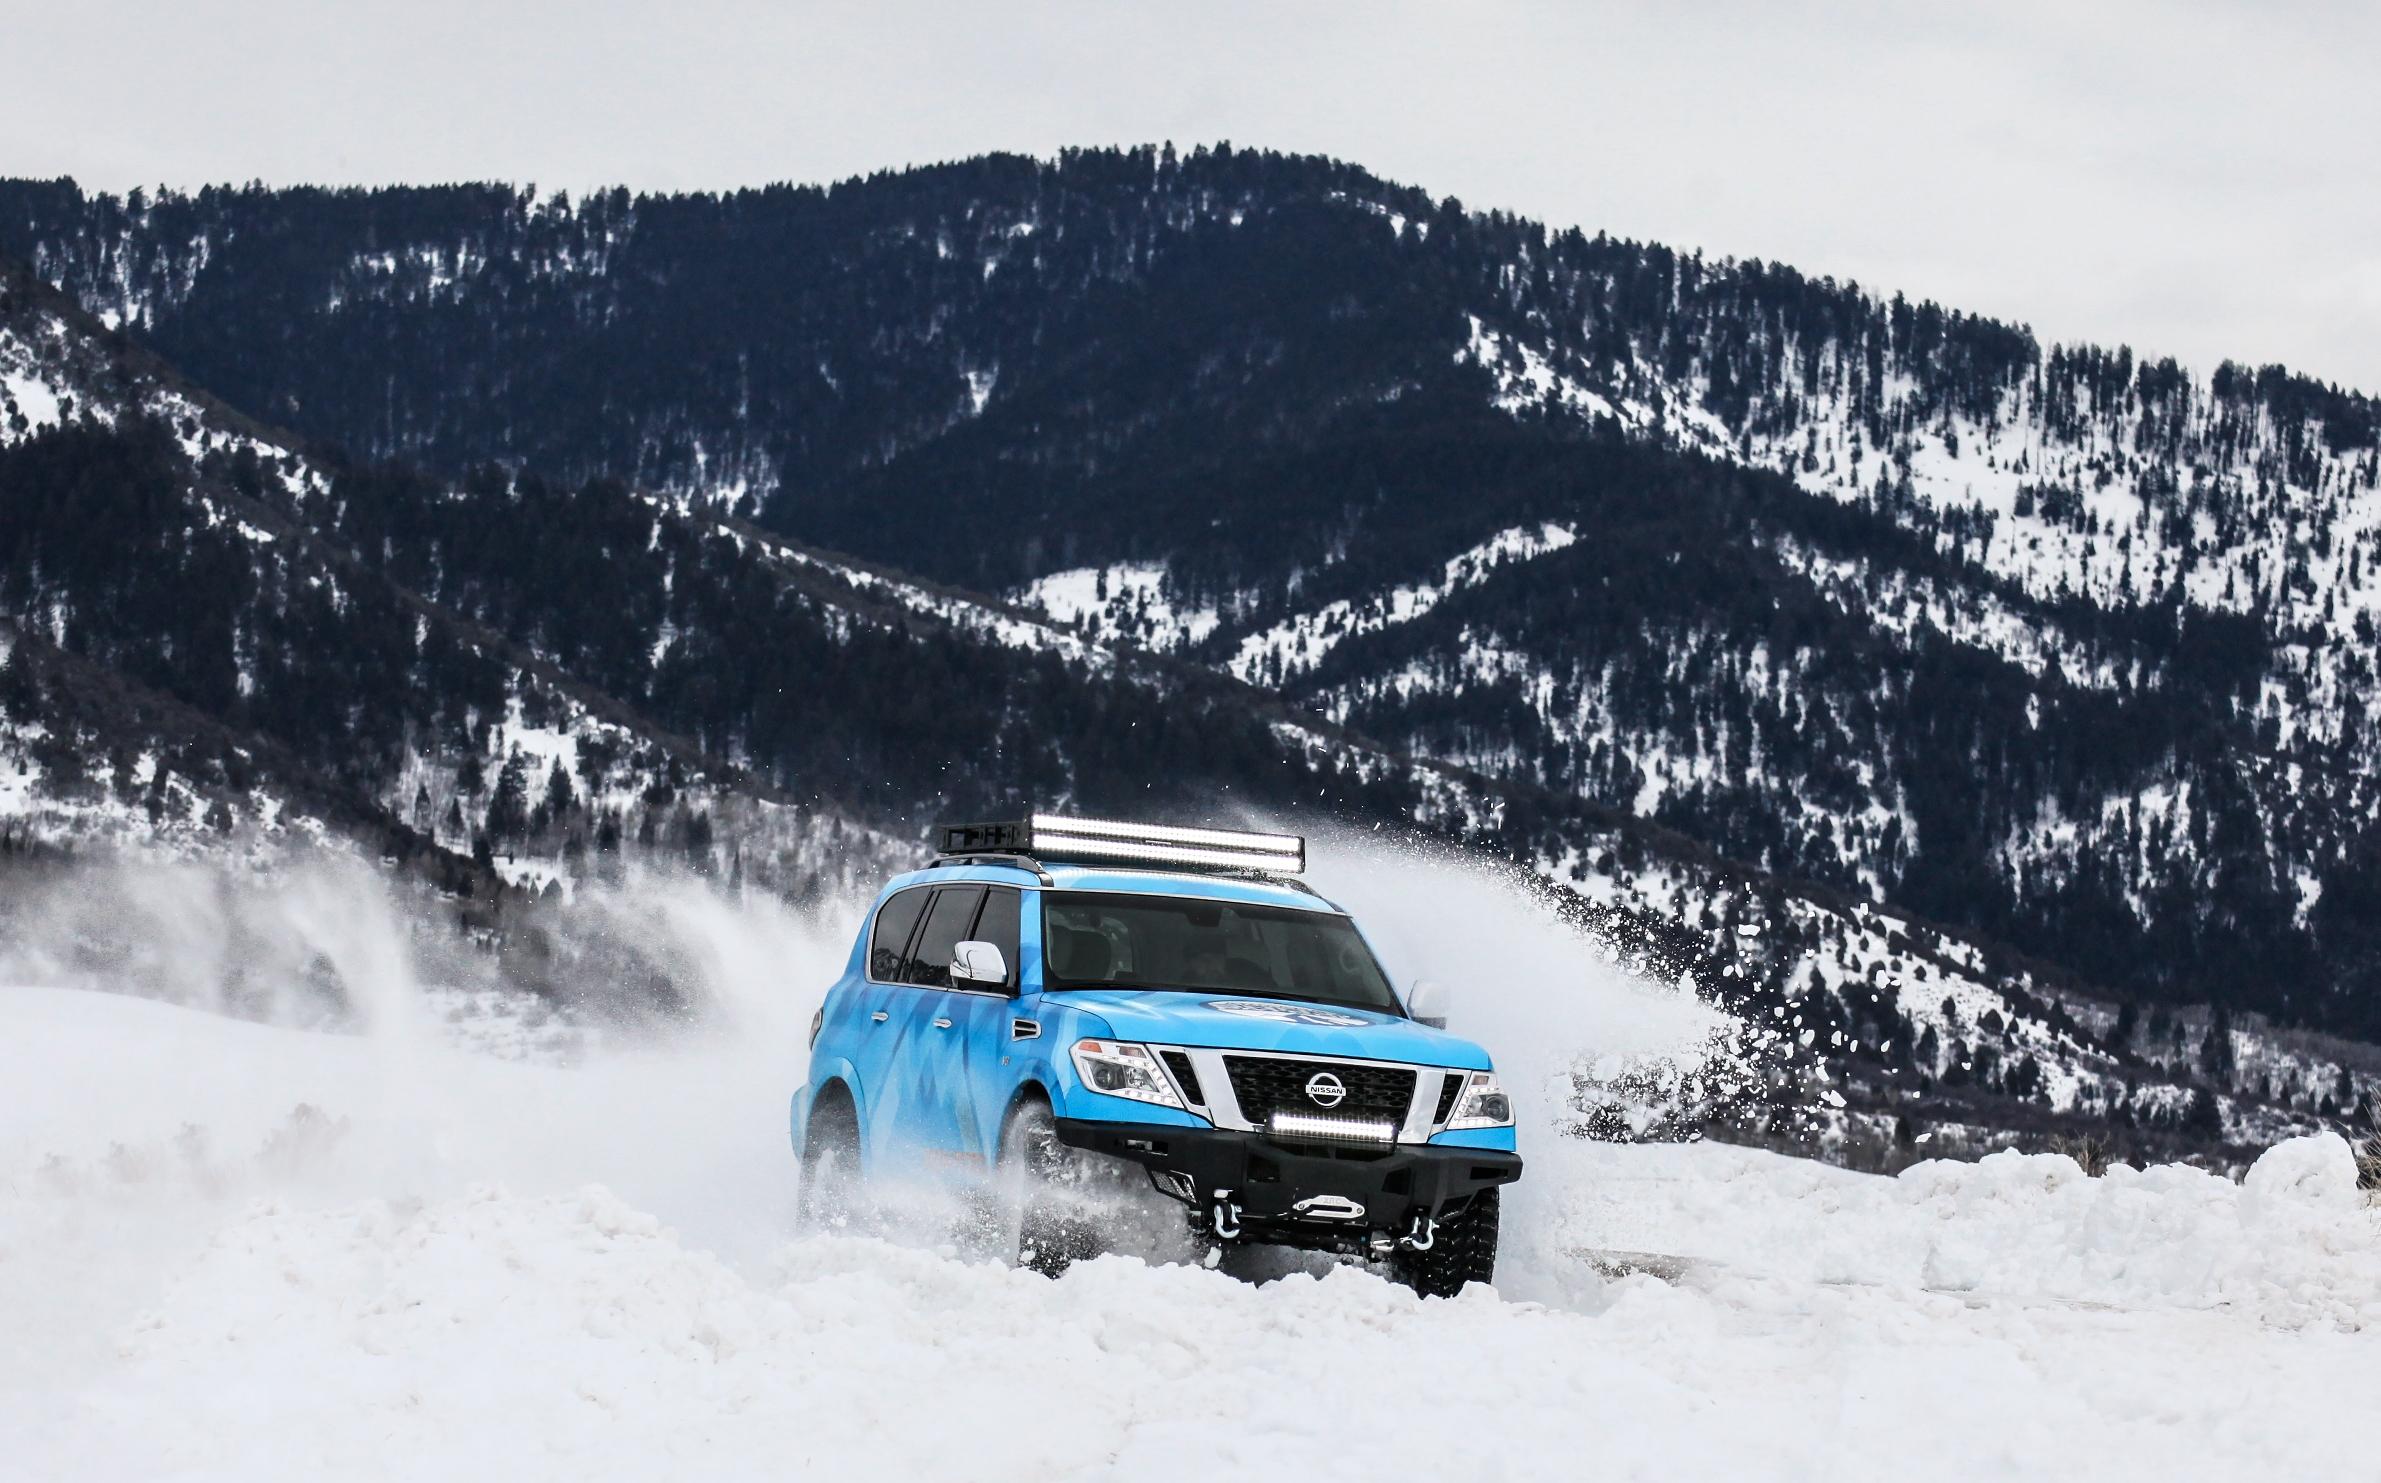 Nissan рассекретил экстремальный внедорожник Armada Snow Patrol